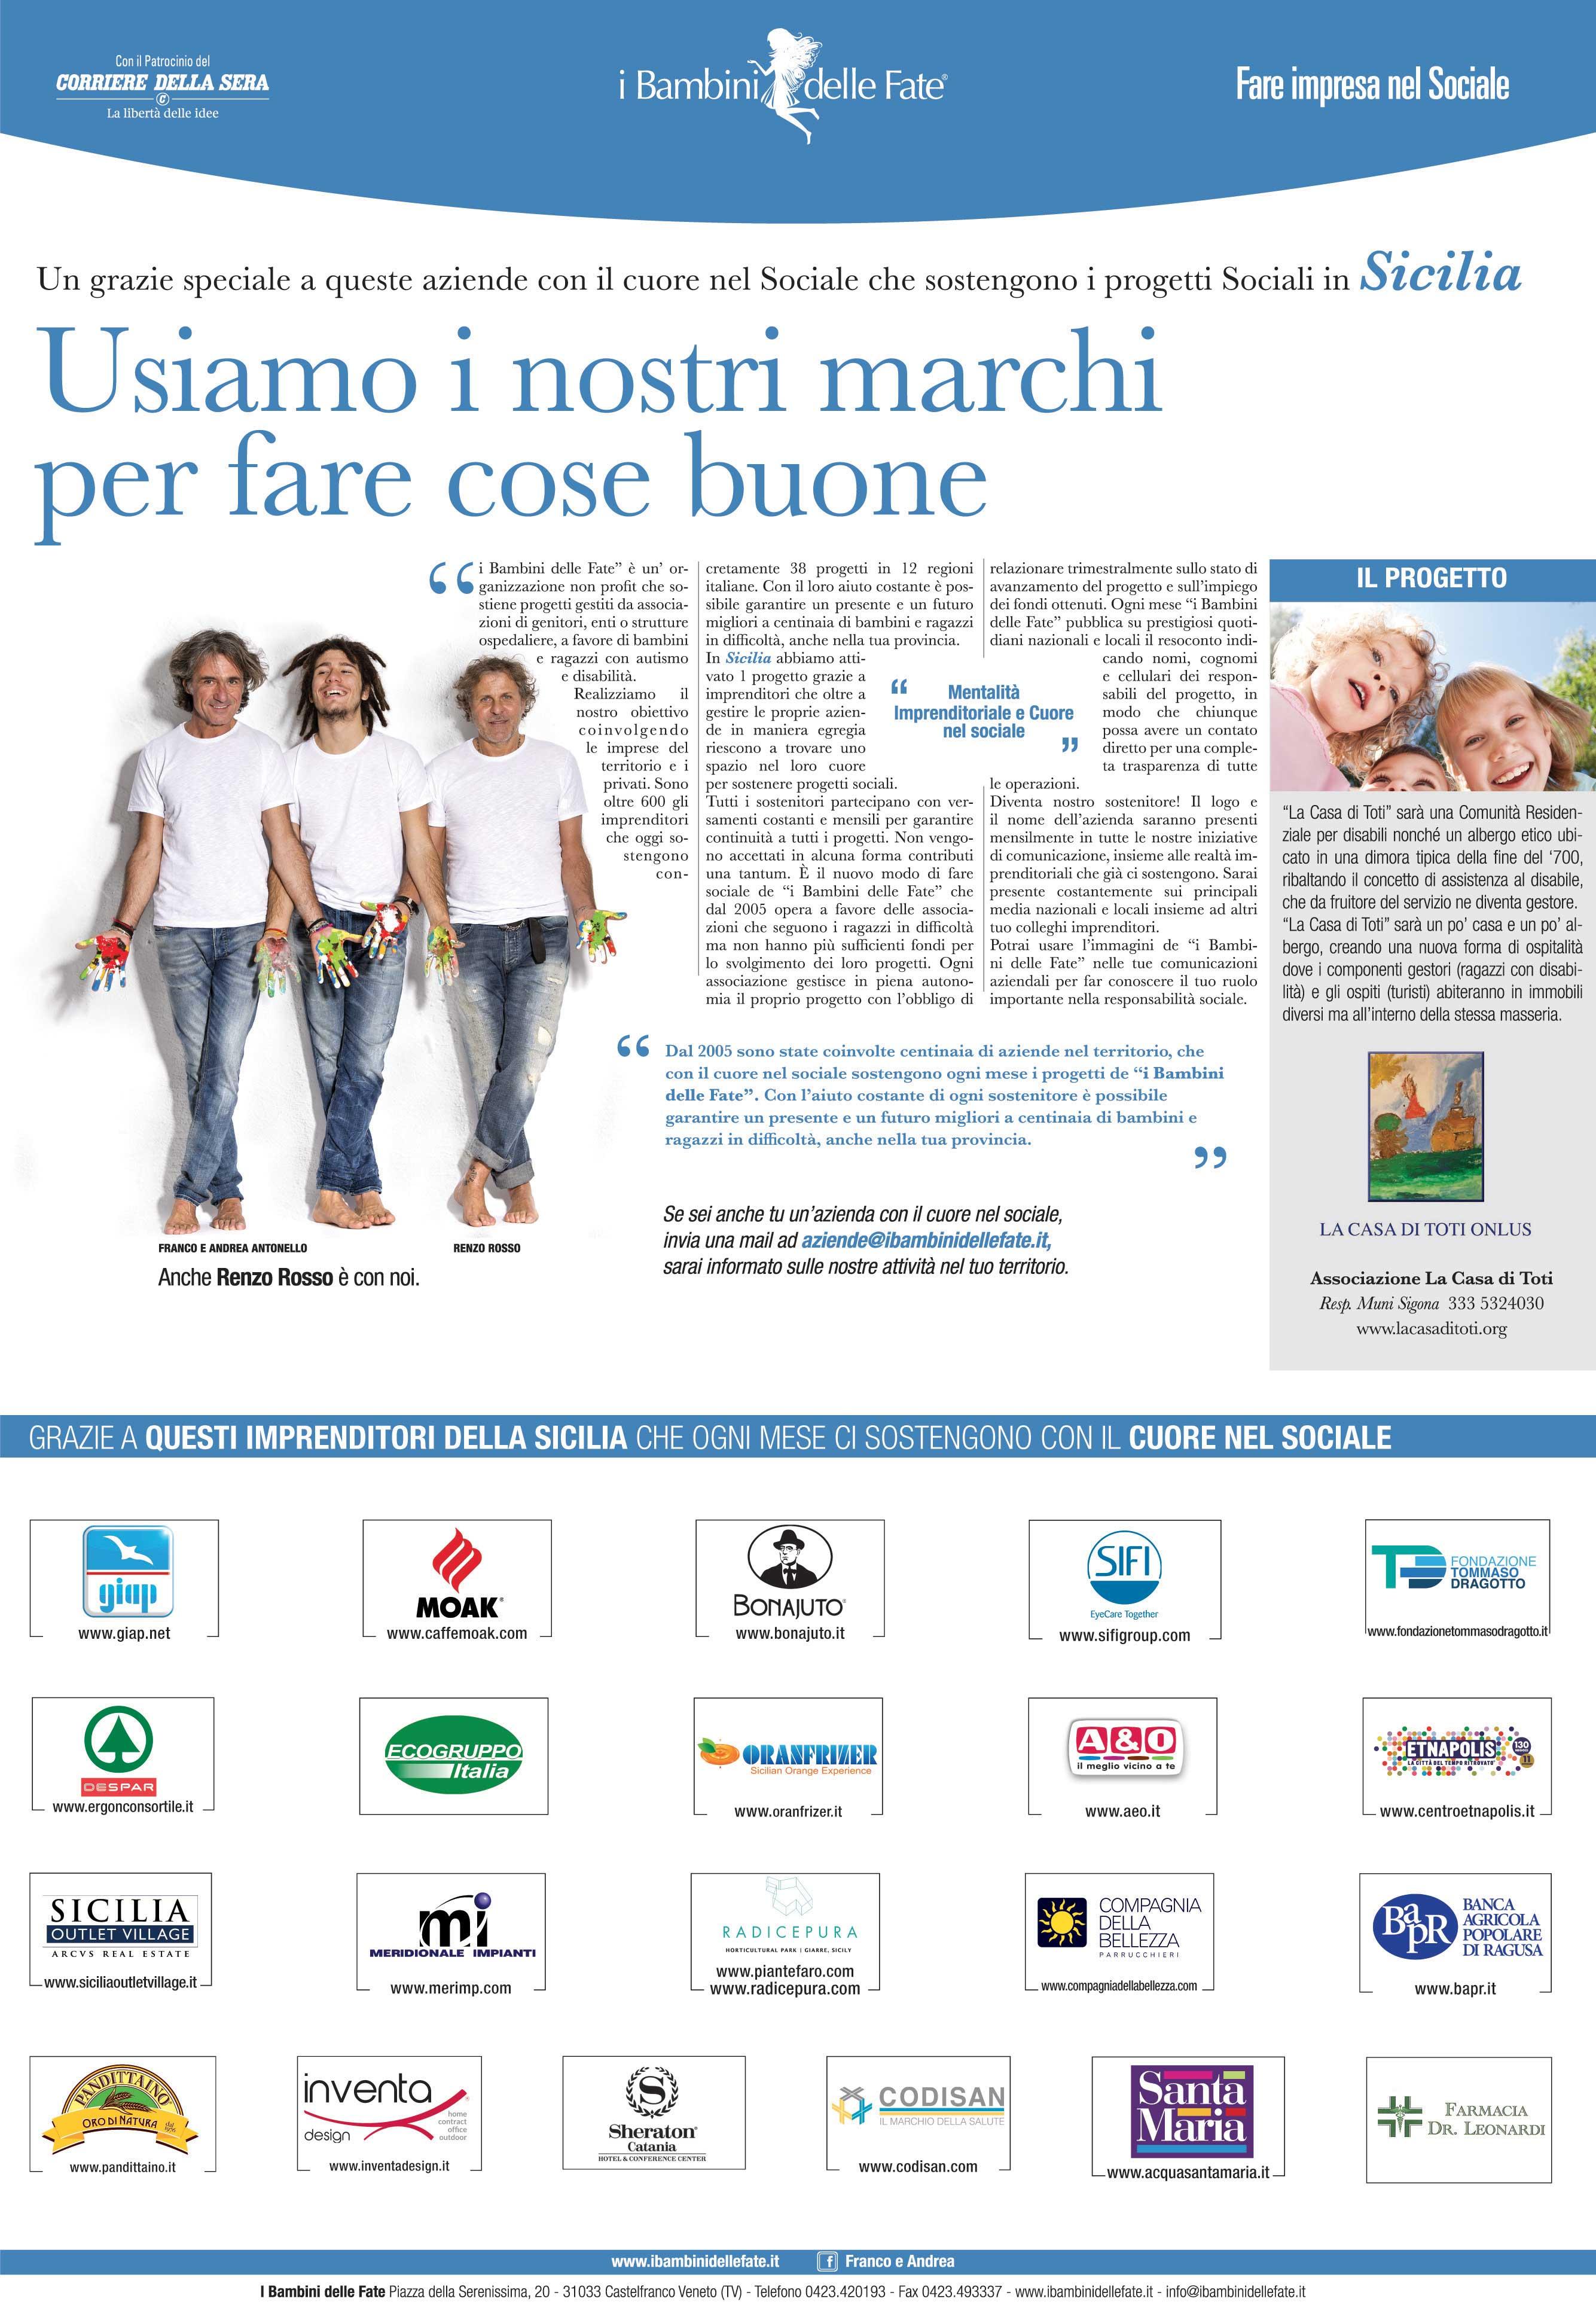 16-11-19_226x328_sicilia